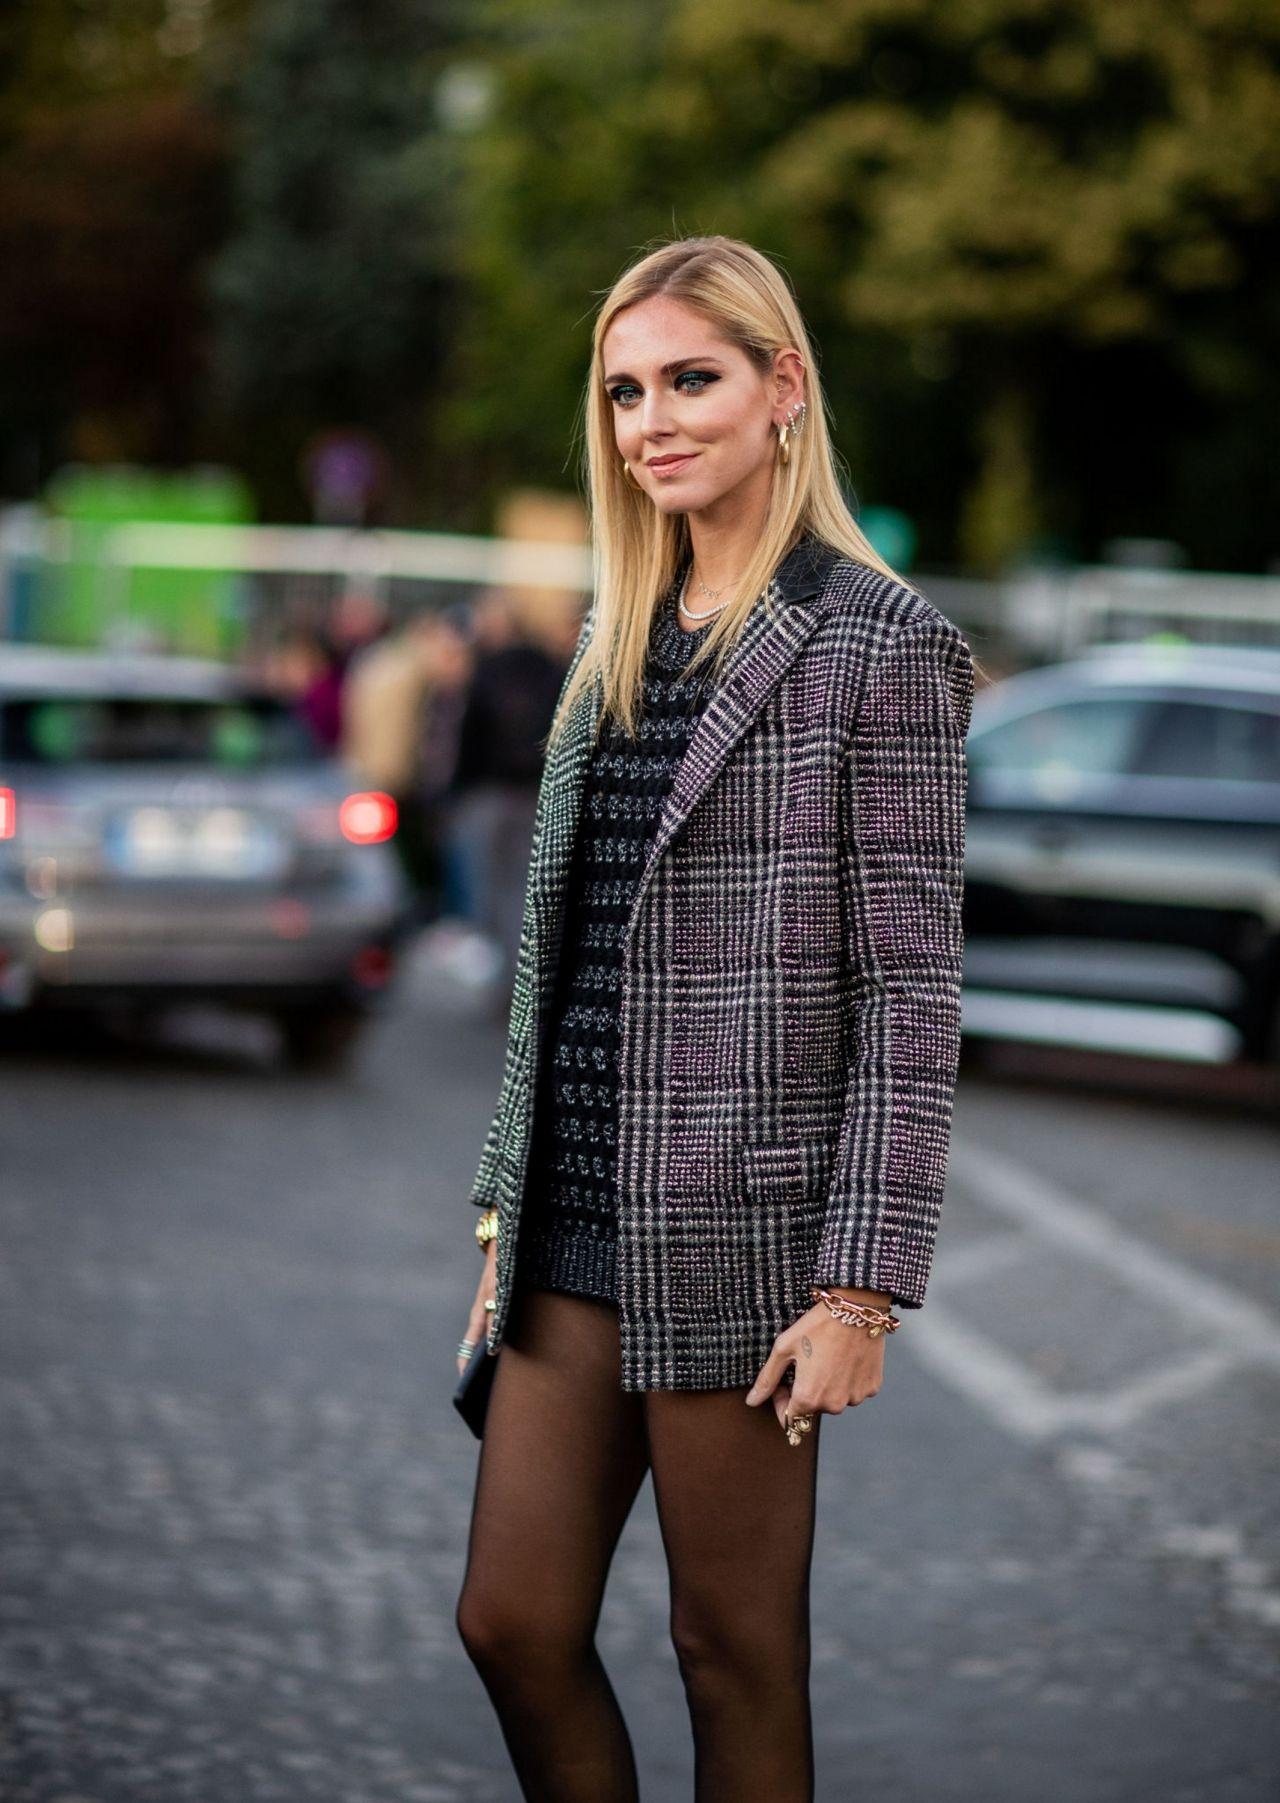 Chiara Ferragni Outside Saint Laurent Show In Paris 09